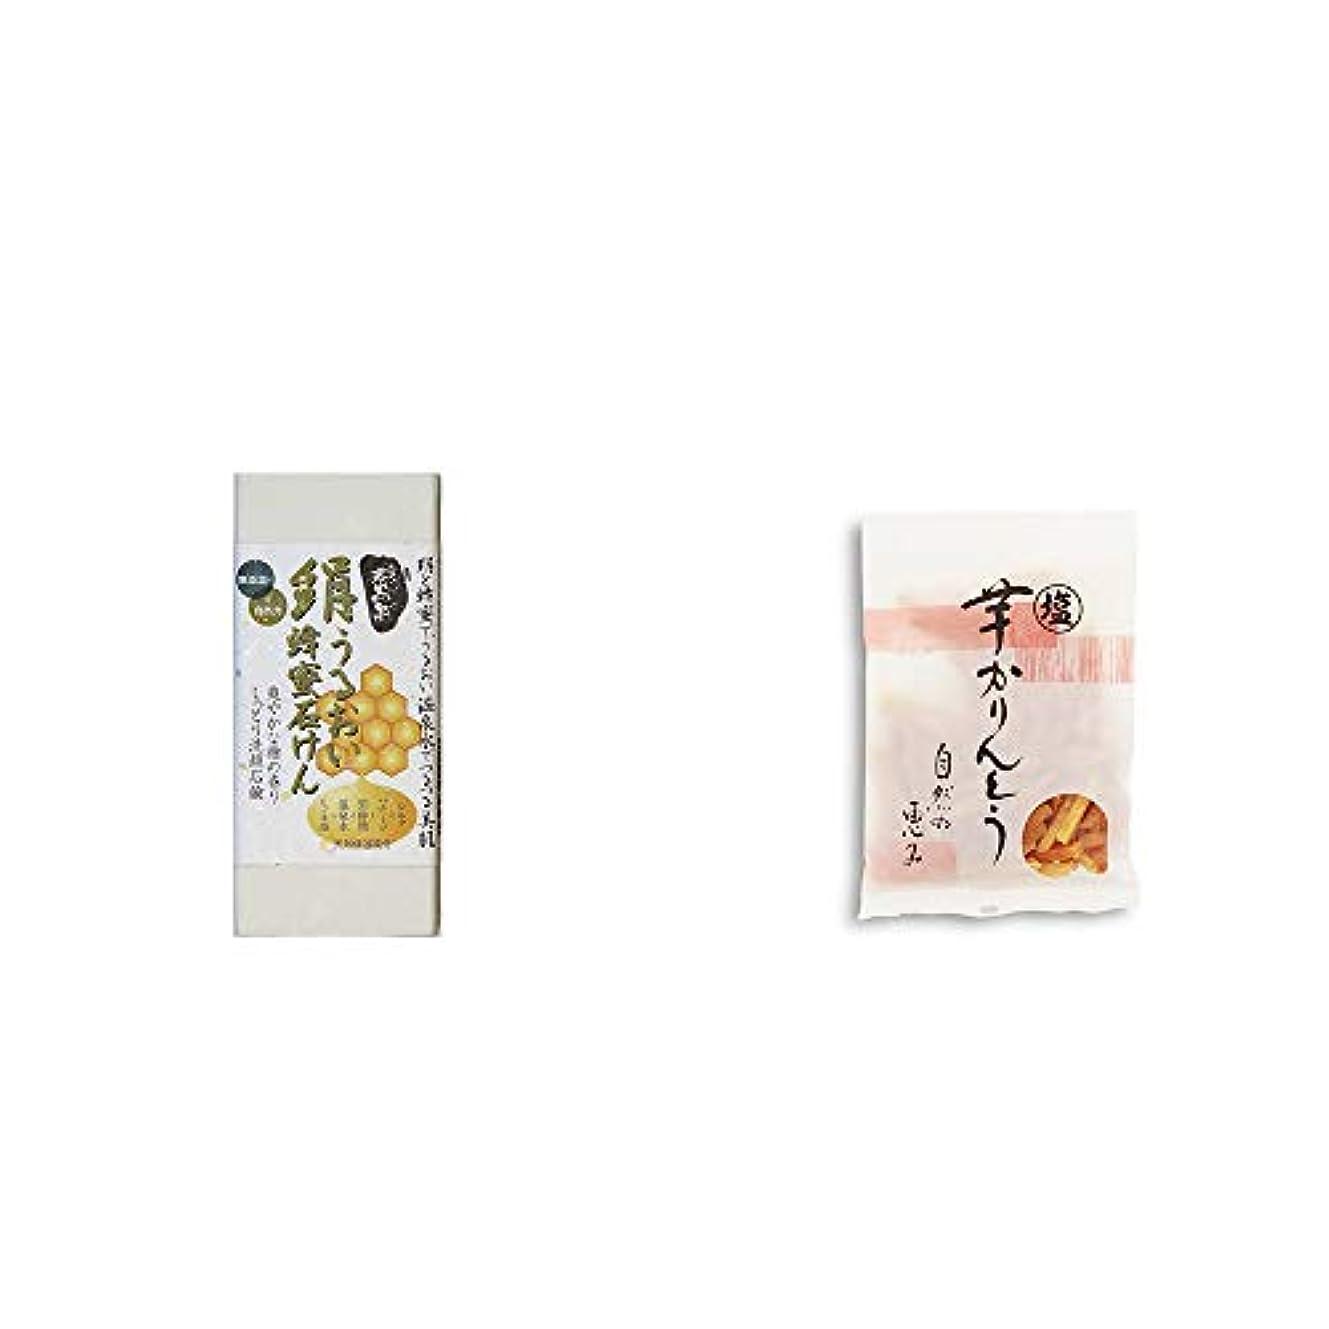 チャールズキージングあいまいなバンドル[2点セット] ひのき炭黒泉 絹うるおい蜂蜜石けん(75g×2)?塩芋かりんとう(150g)